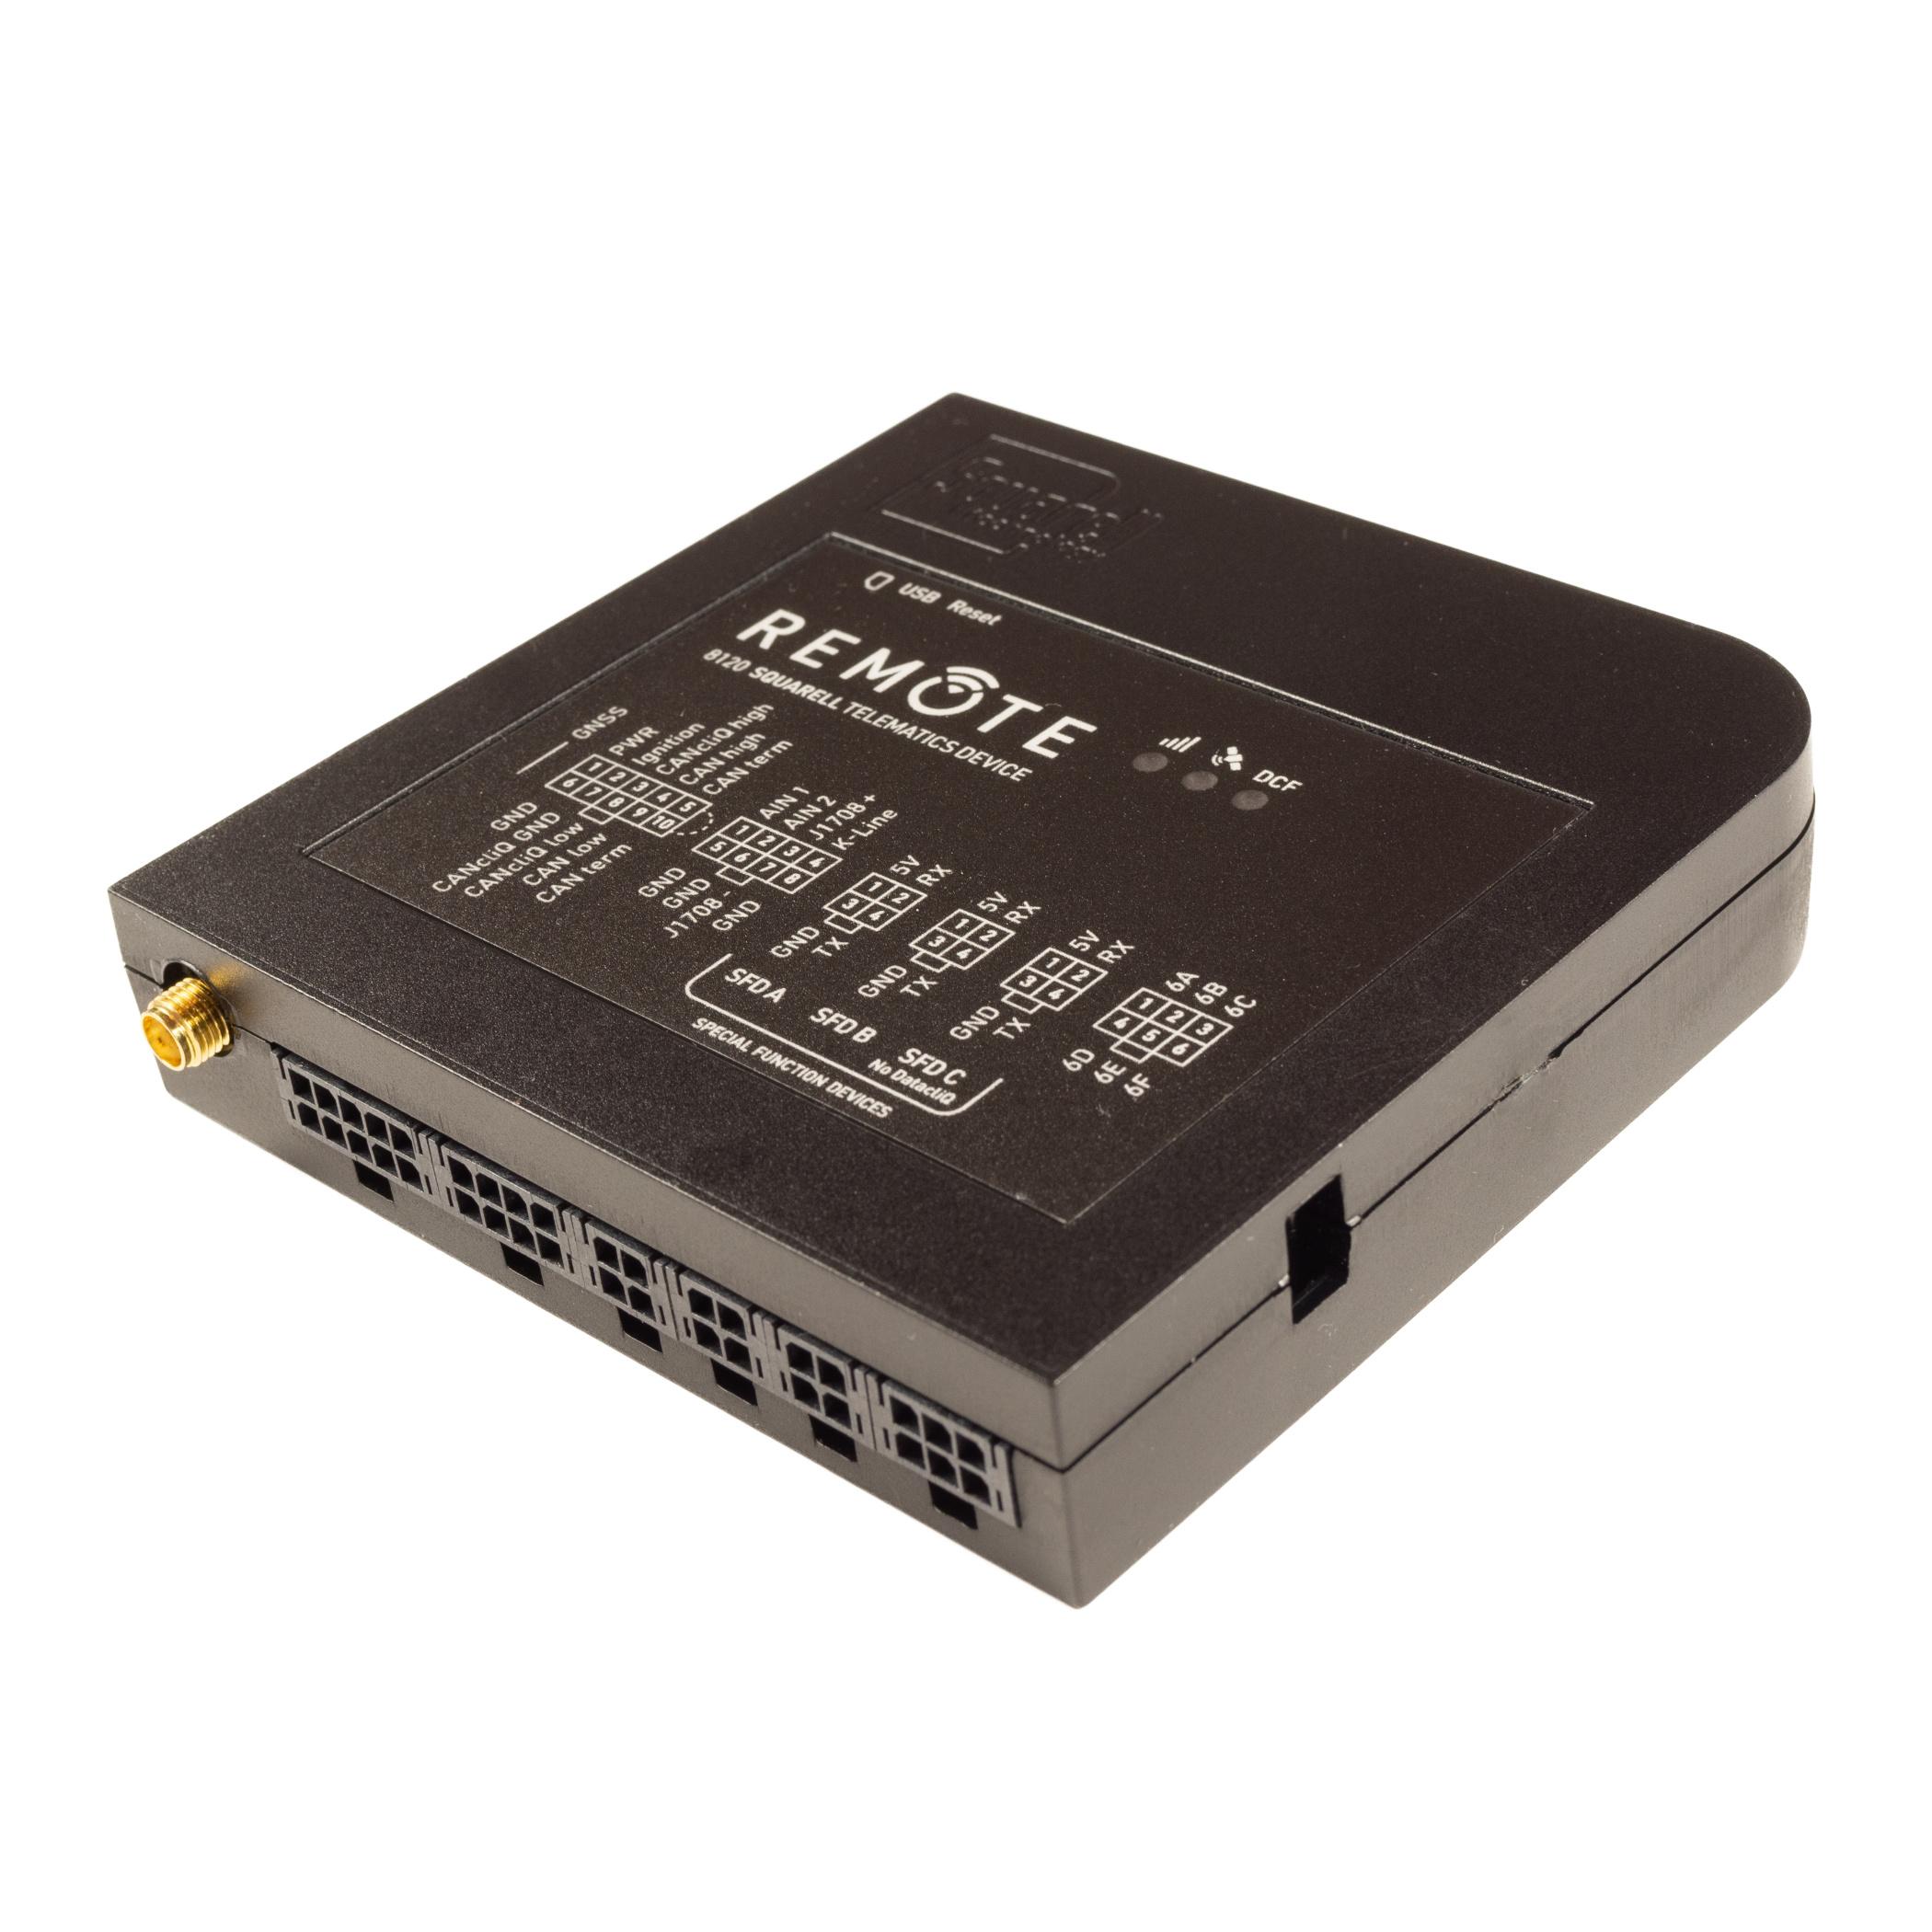 REMOTE – Squarell Telematics Device